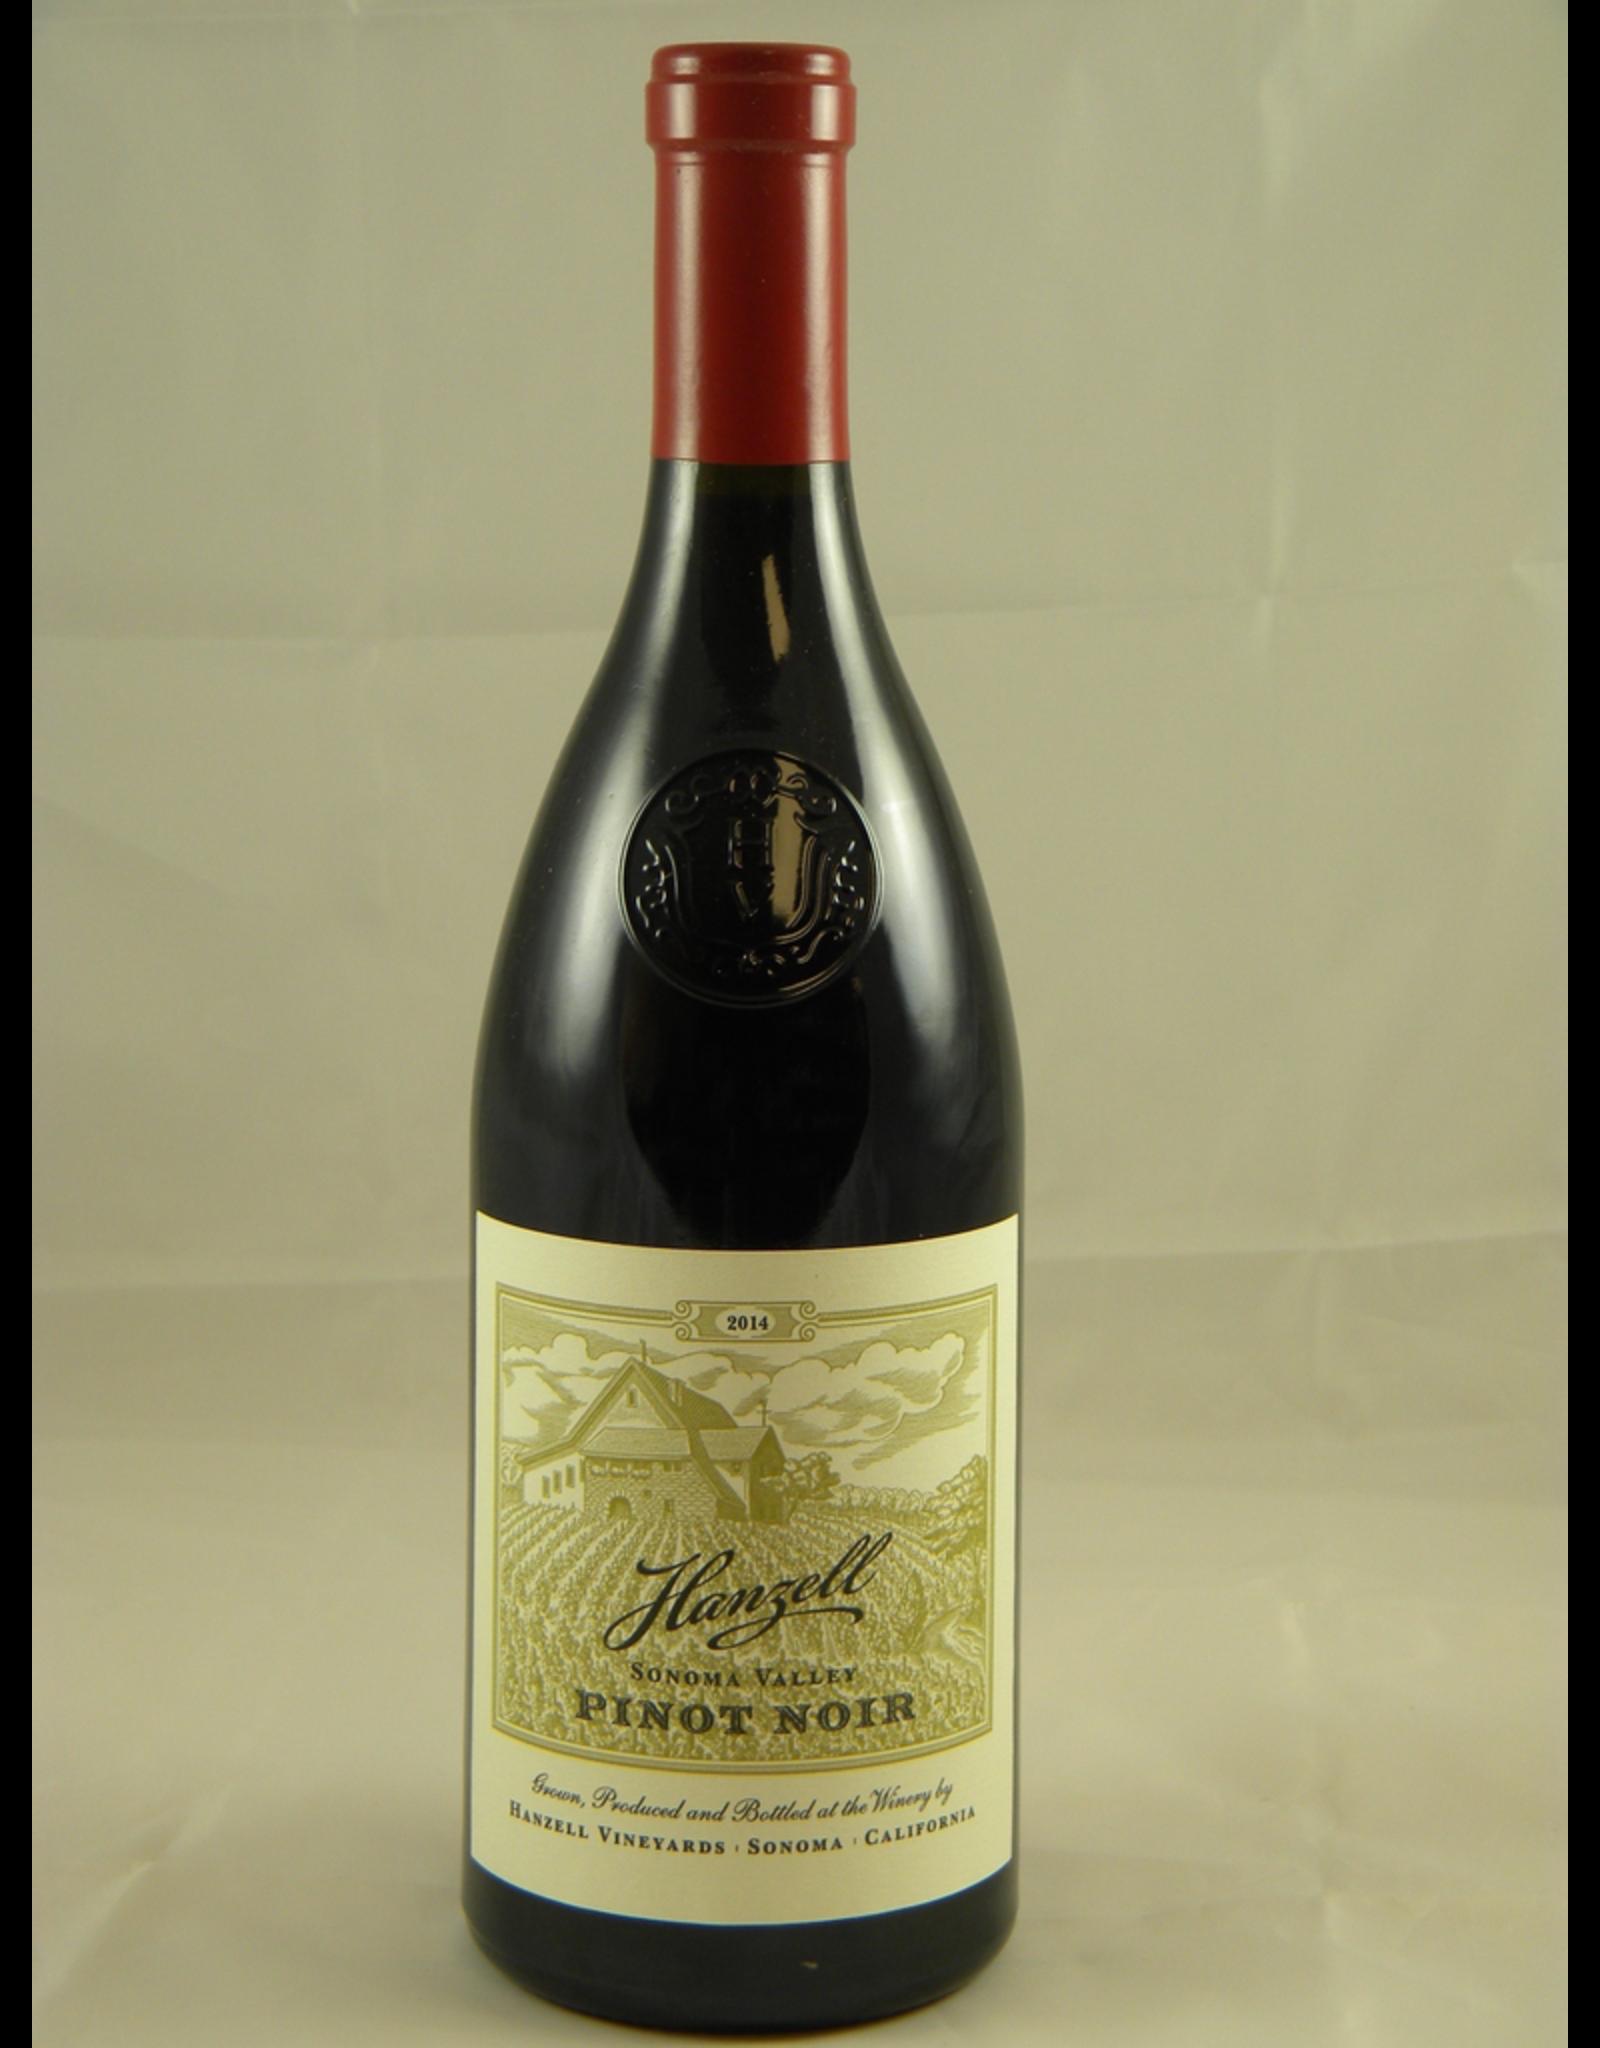 Hanzell Hanzell Pinot Noir Sonoma 2014